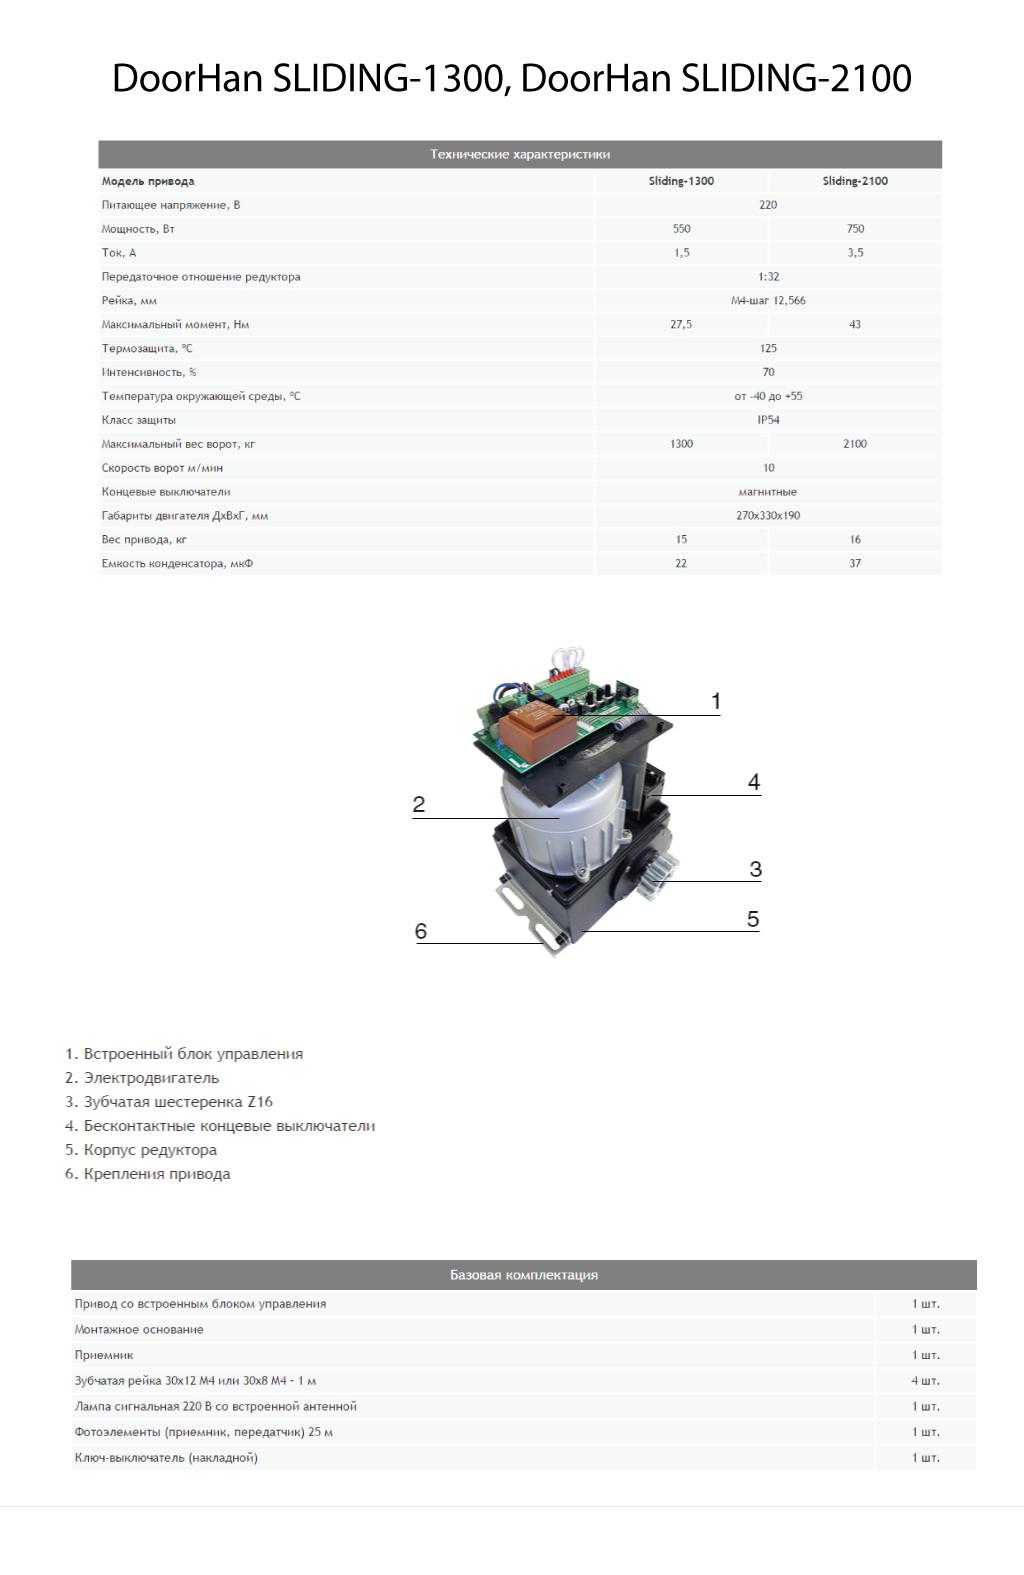 Автоматика для откатных ворот DoorHan SLIDING-1300, SLIDING-2100 - Технические характеристики